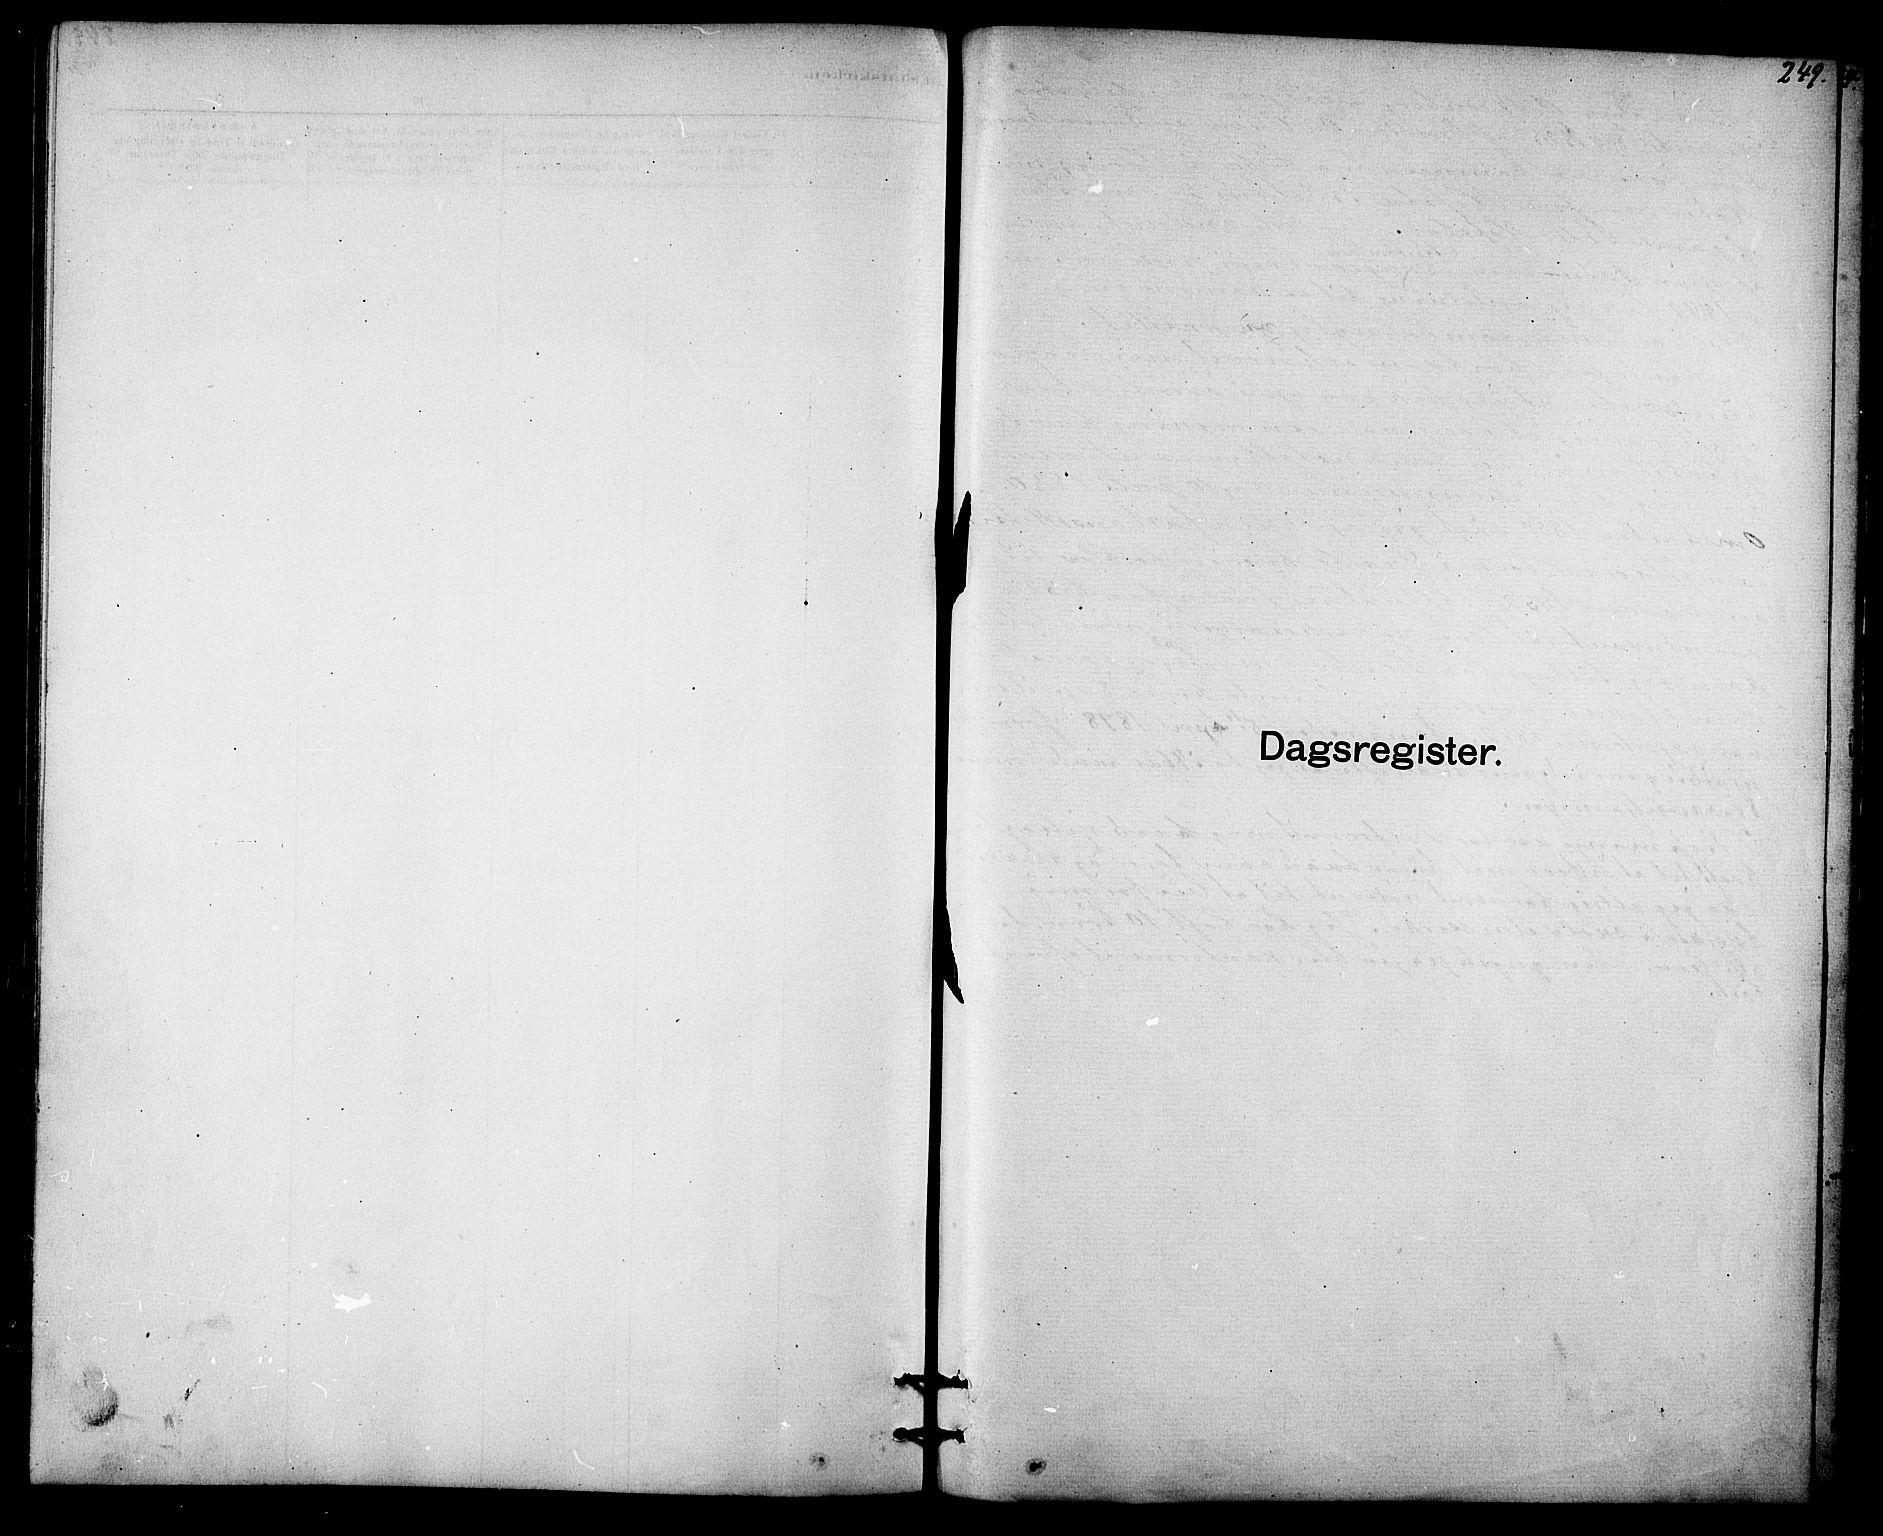 SAT, Ministerialprotokoller, klokkerbøker og fødselsregistre - Sør-Trøndelag, 613/L0395: Klokkerbok nr. 613C03, 1887-1909, s. 249